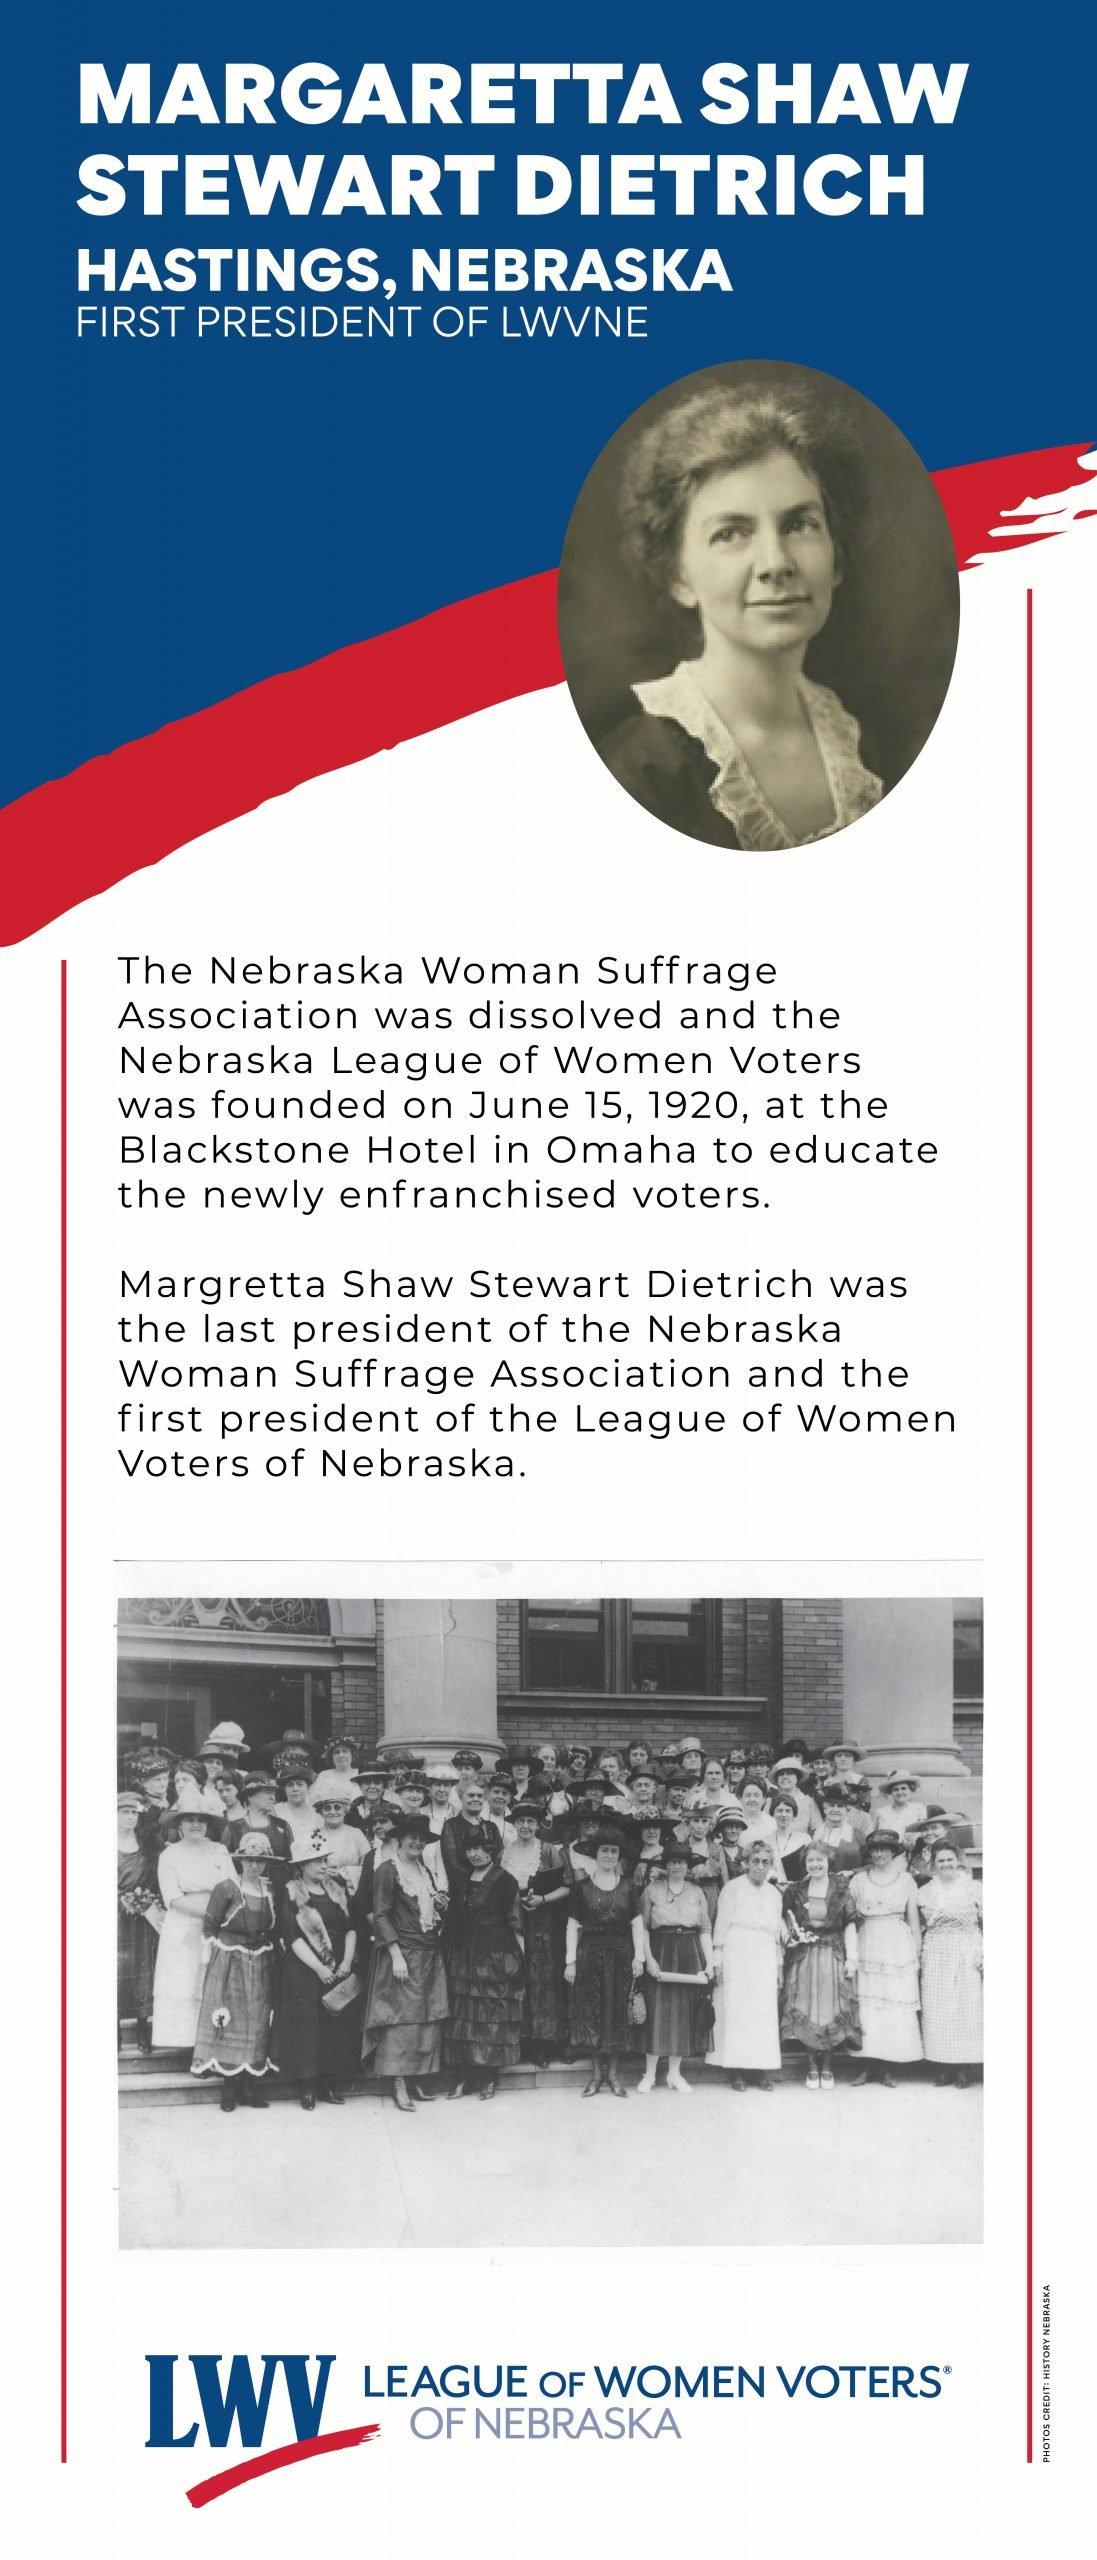 Centennial Banner featuring Margaretta Shaw Stewart Dietrich, first President of LWVNE